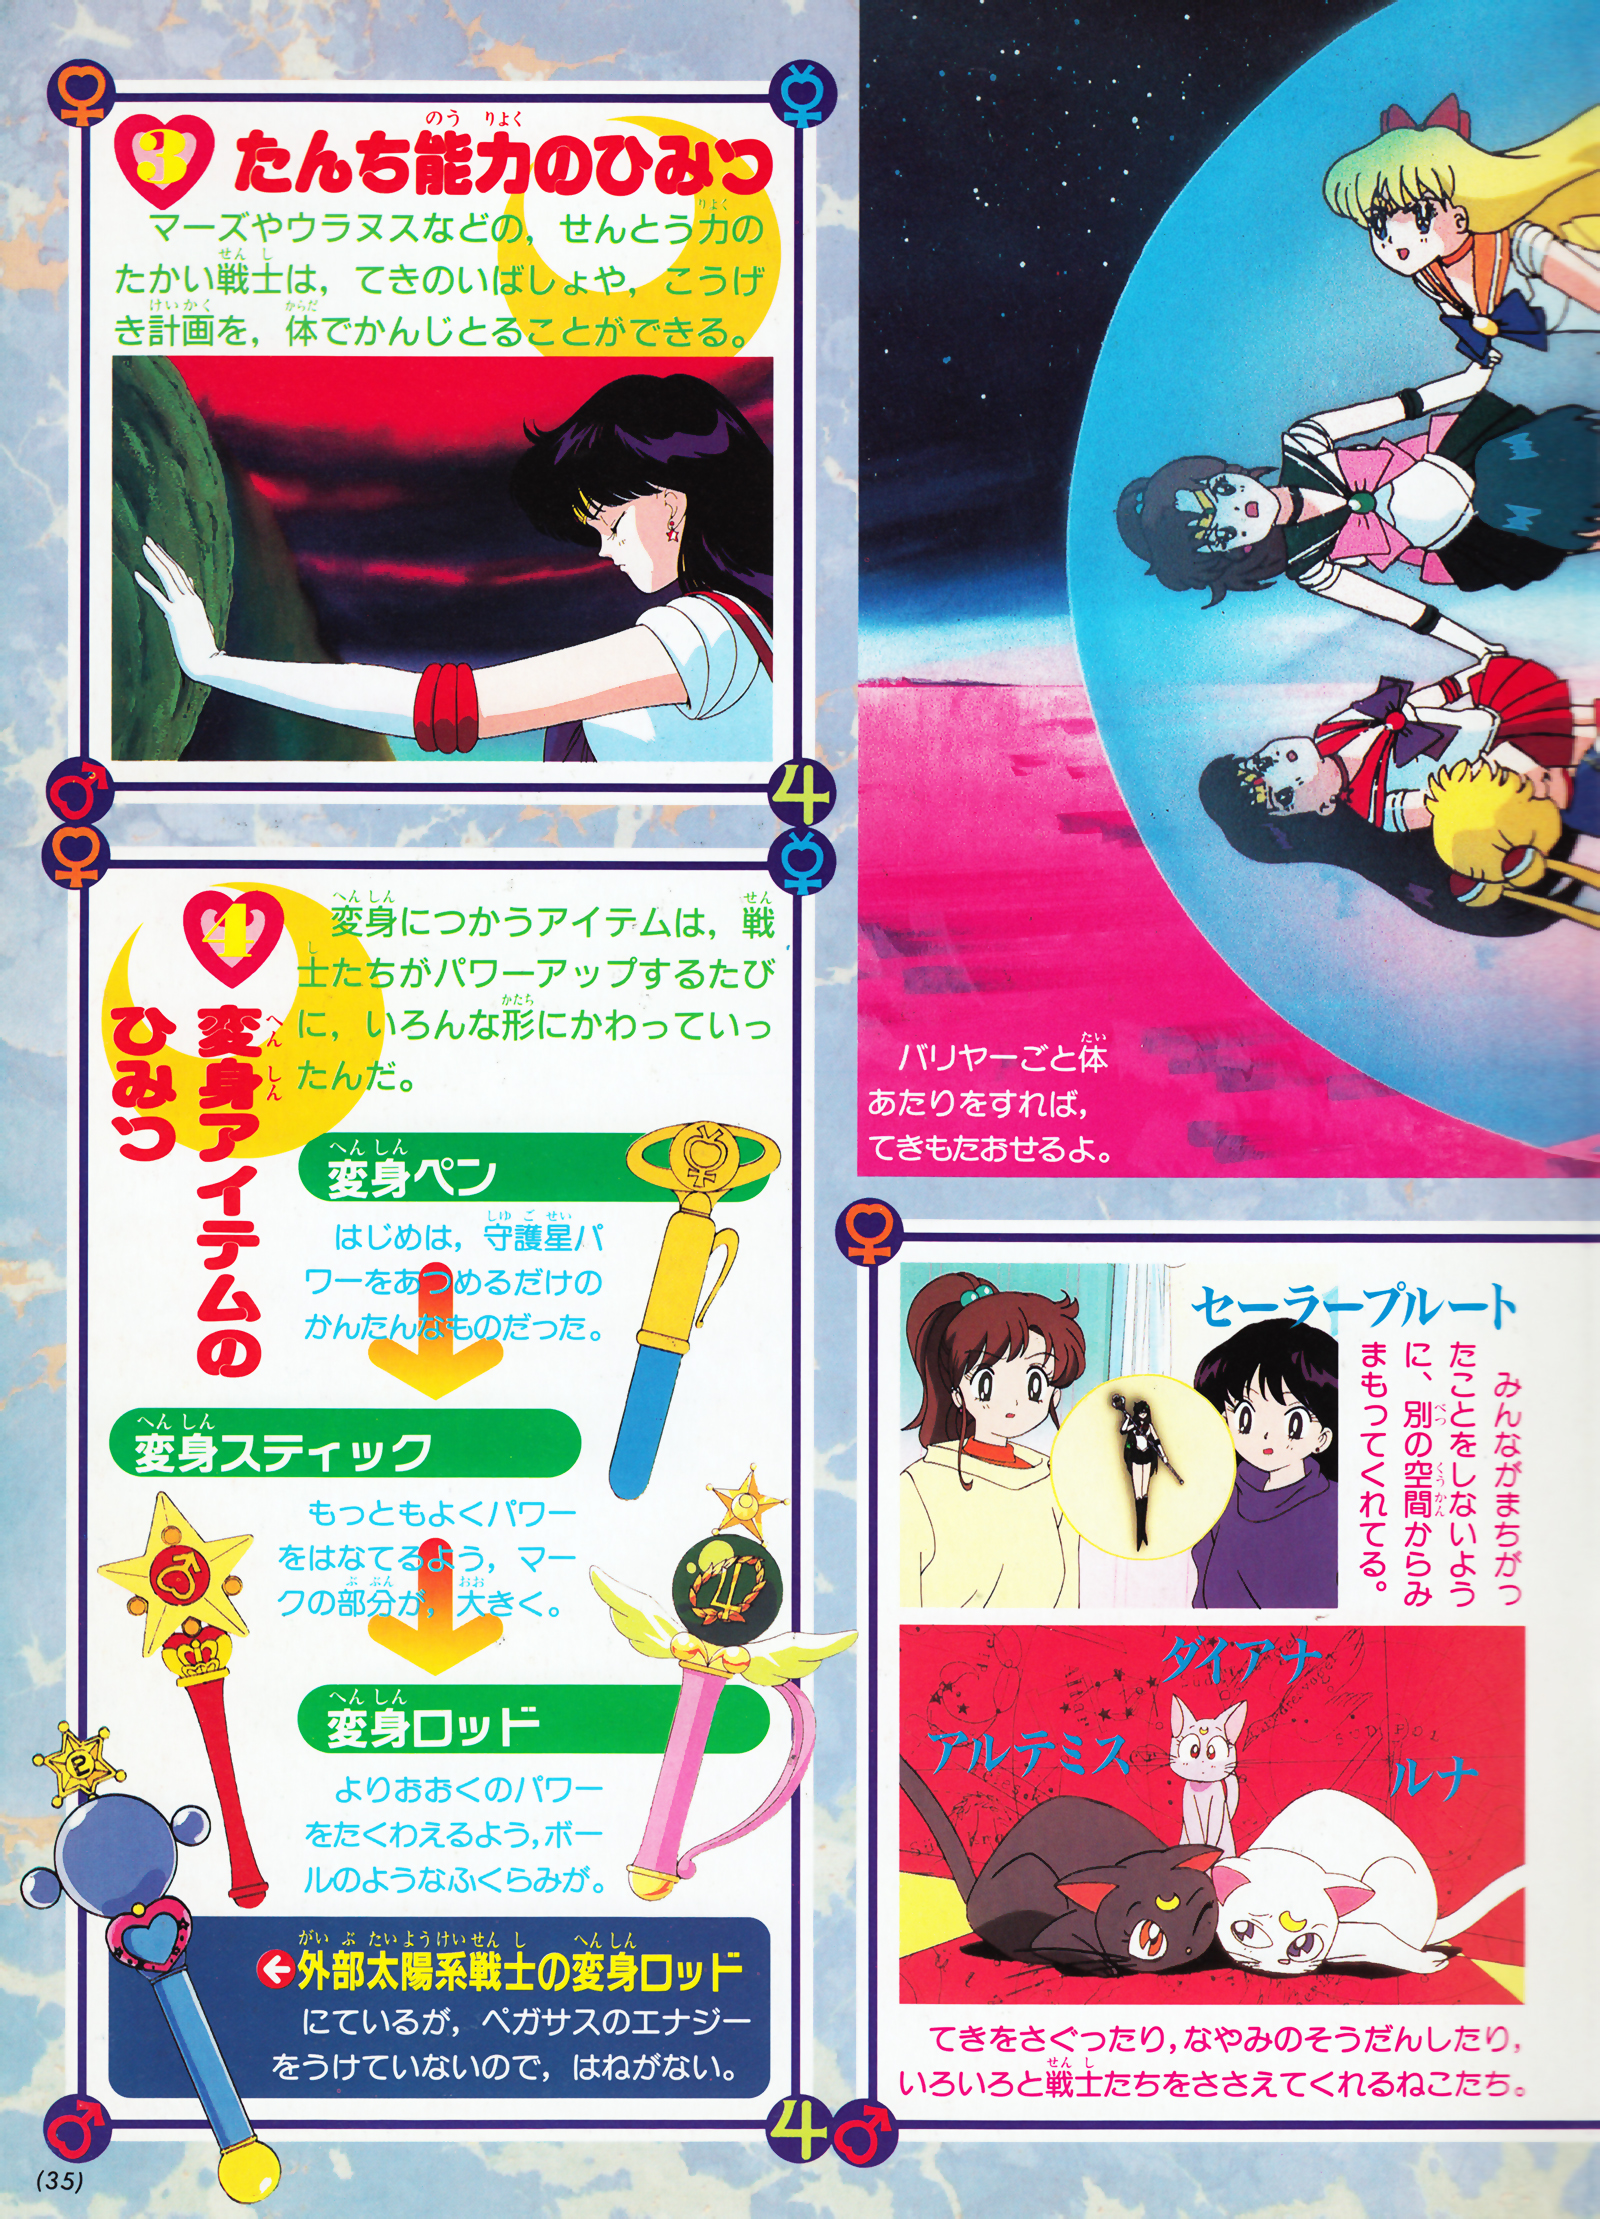 Supers_himitsu_album_35